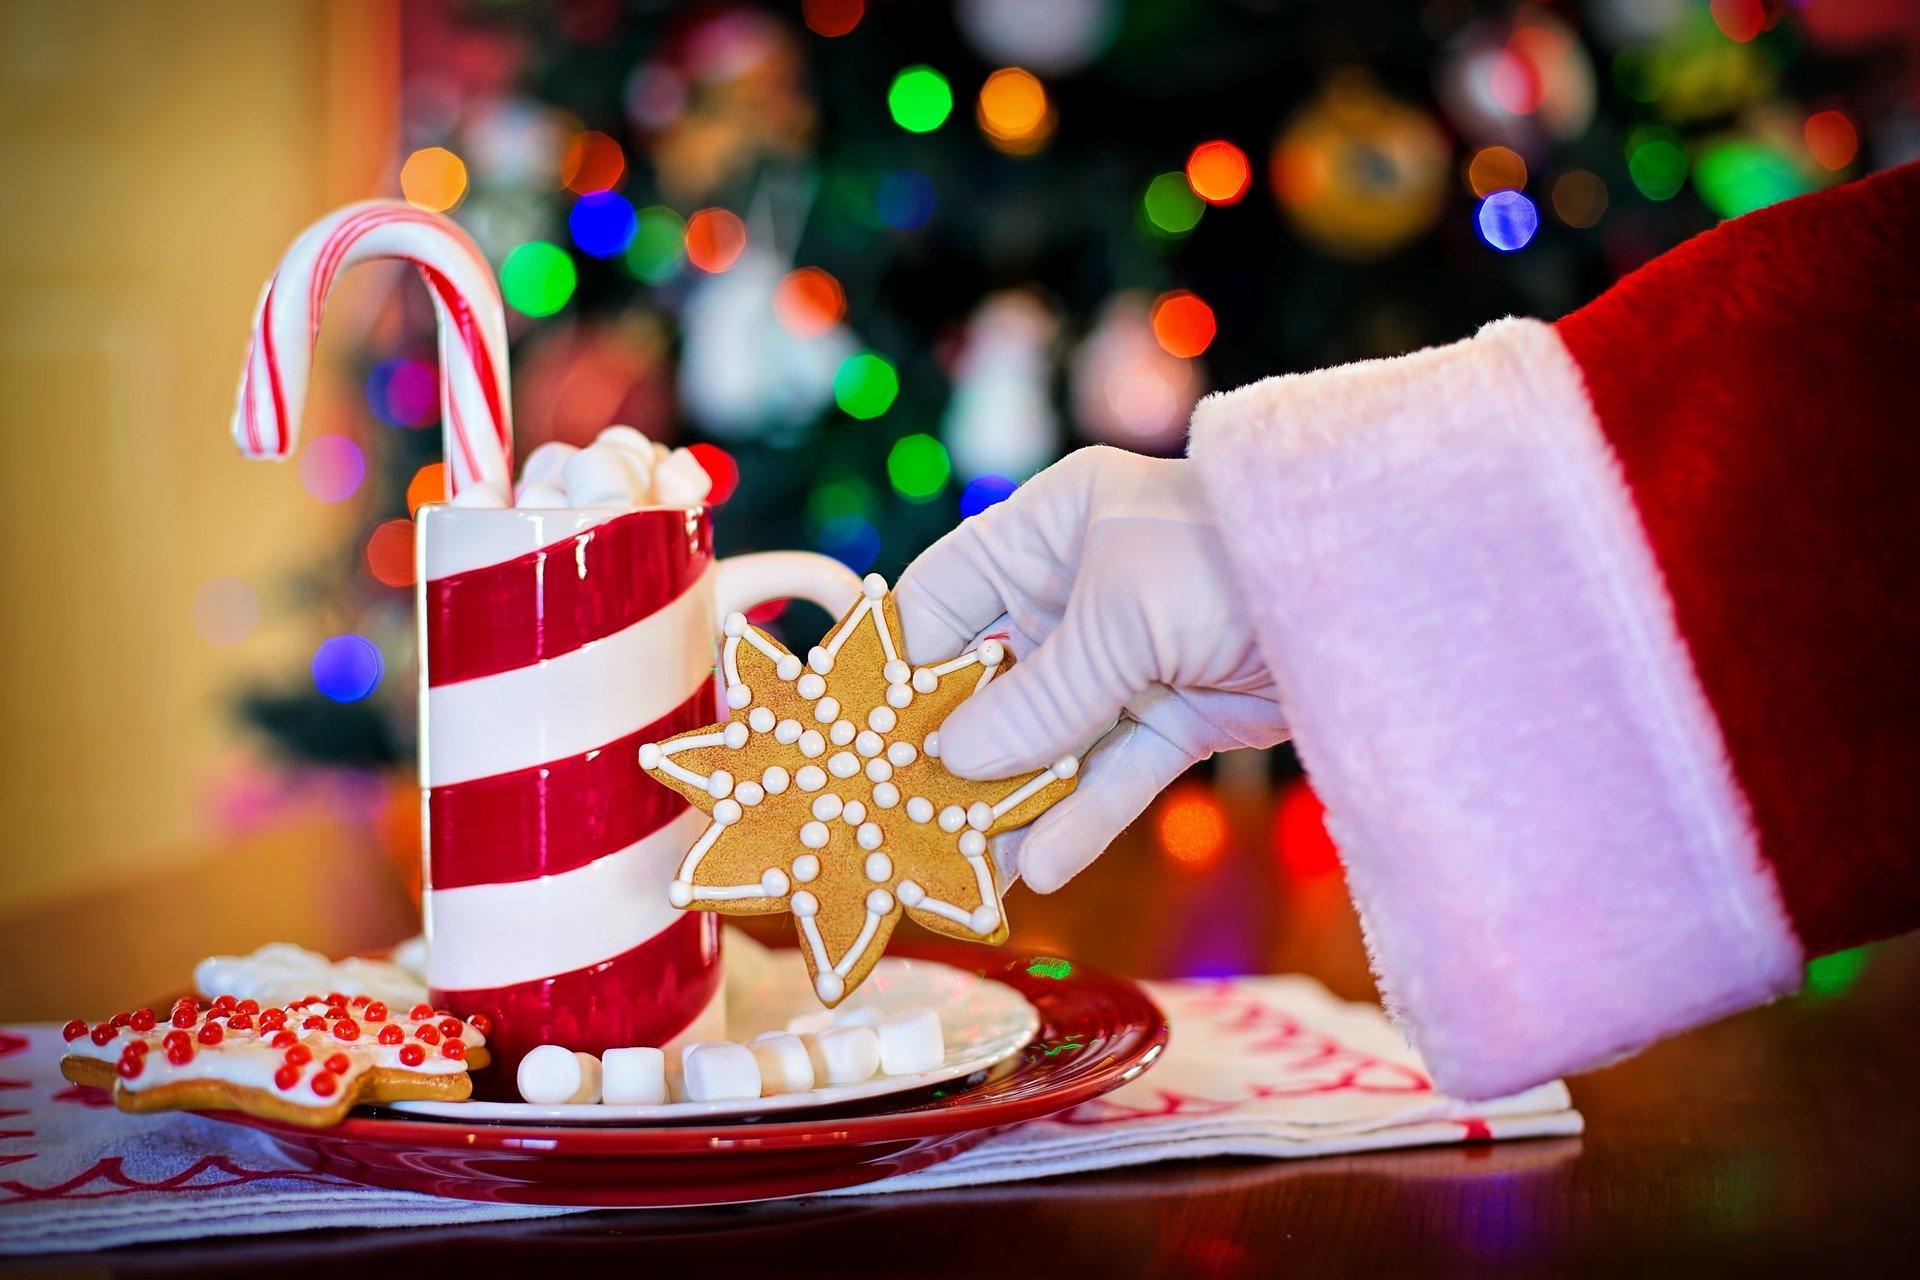 imagem ilustrativa de Natal, com vela vermelha e branca